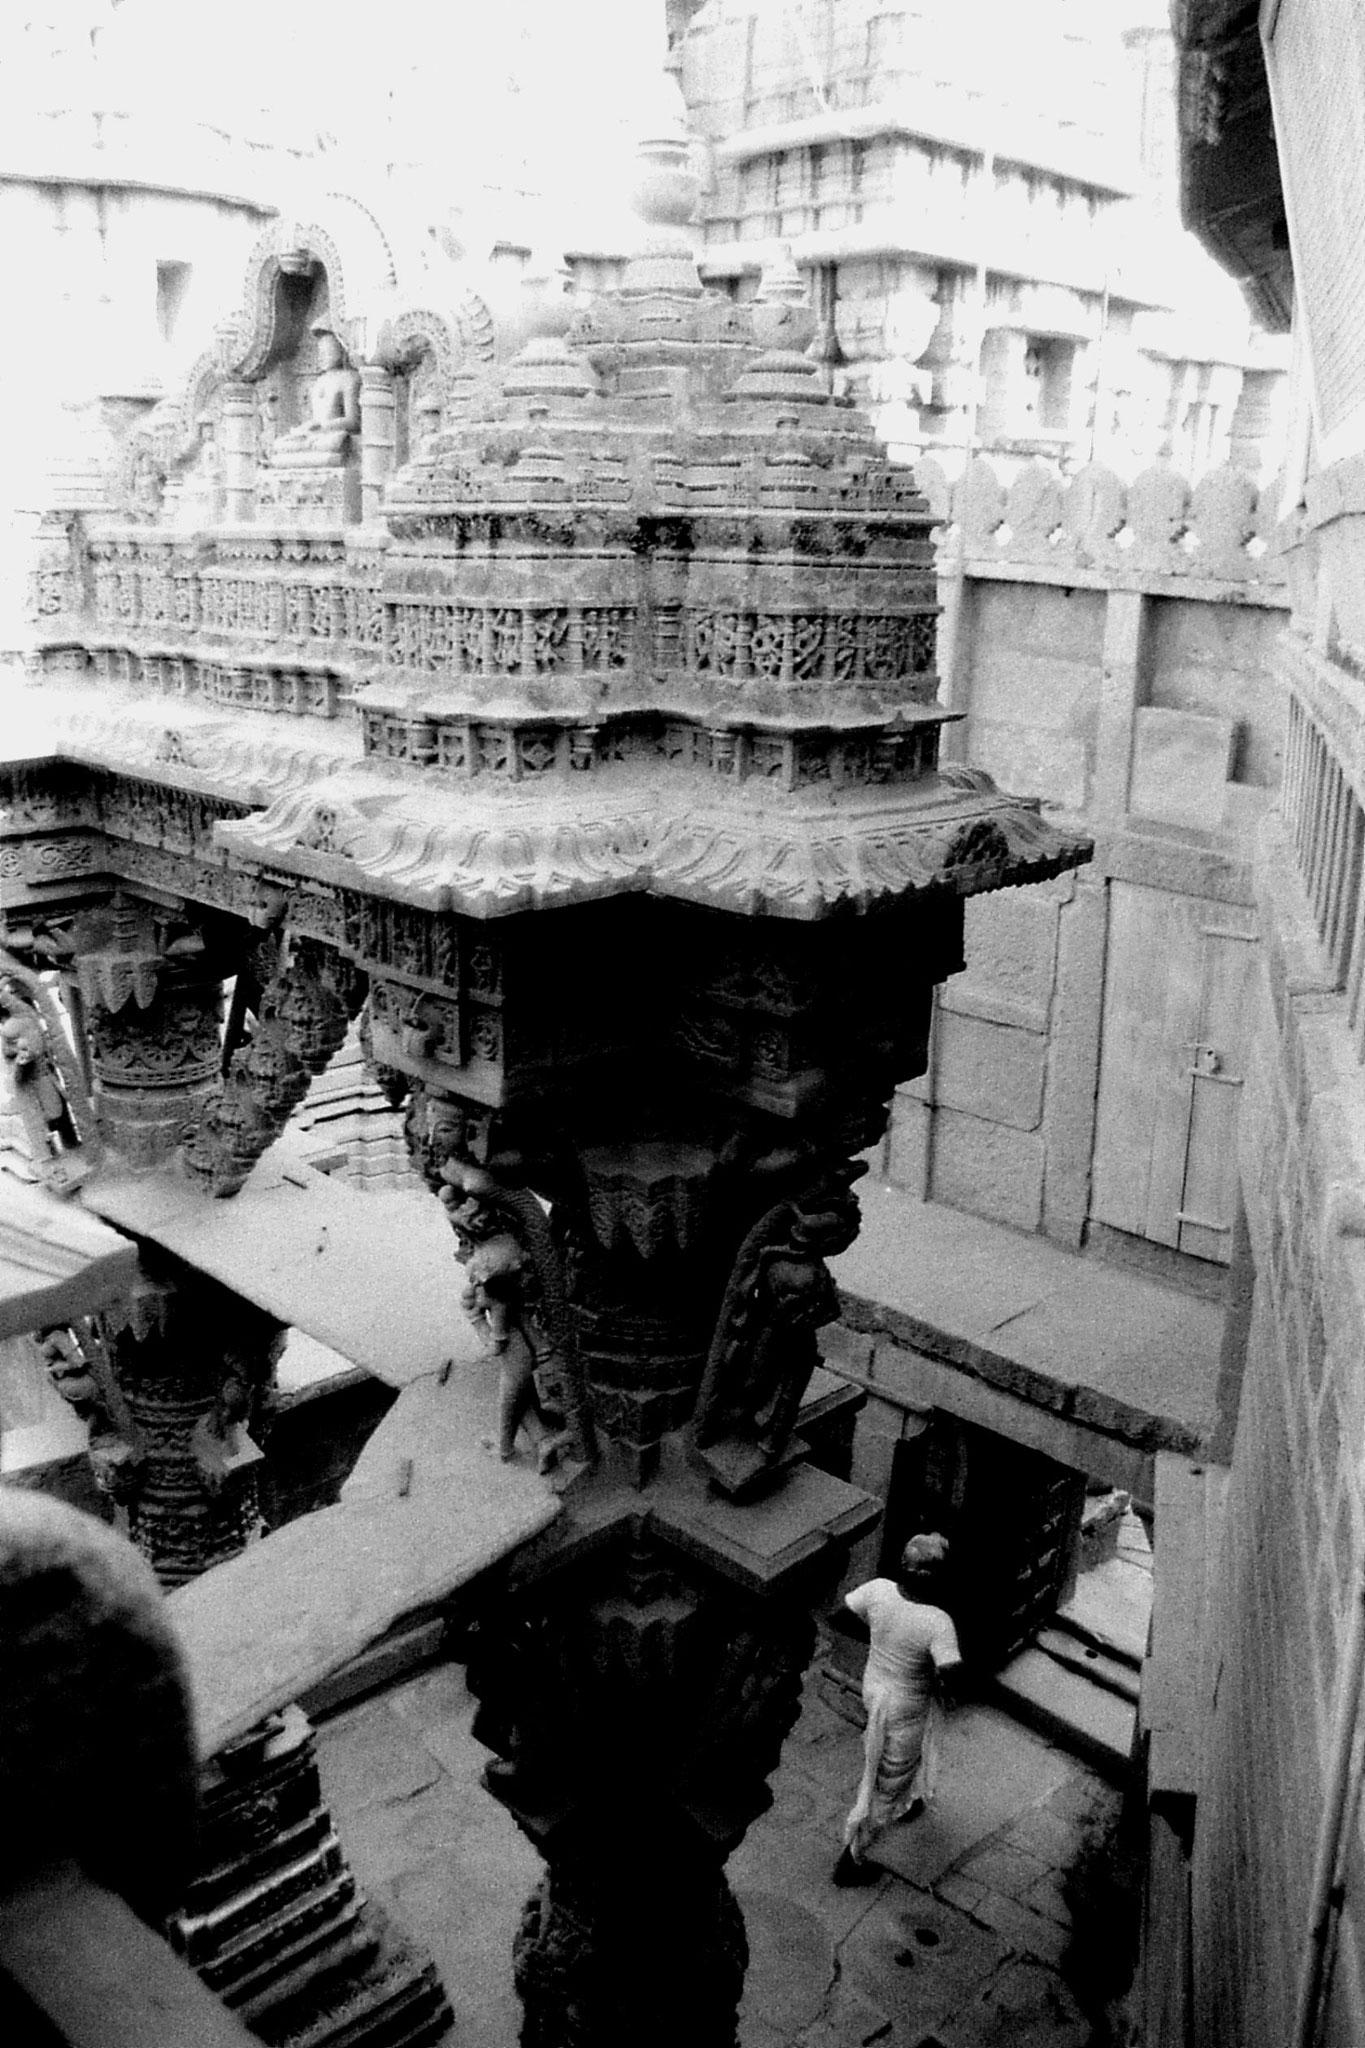 2/12/1989: 18: Jain temple